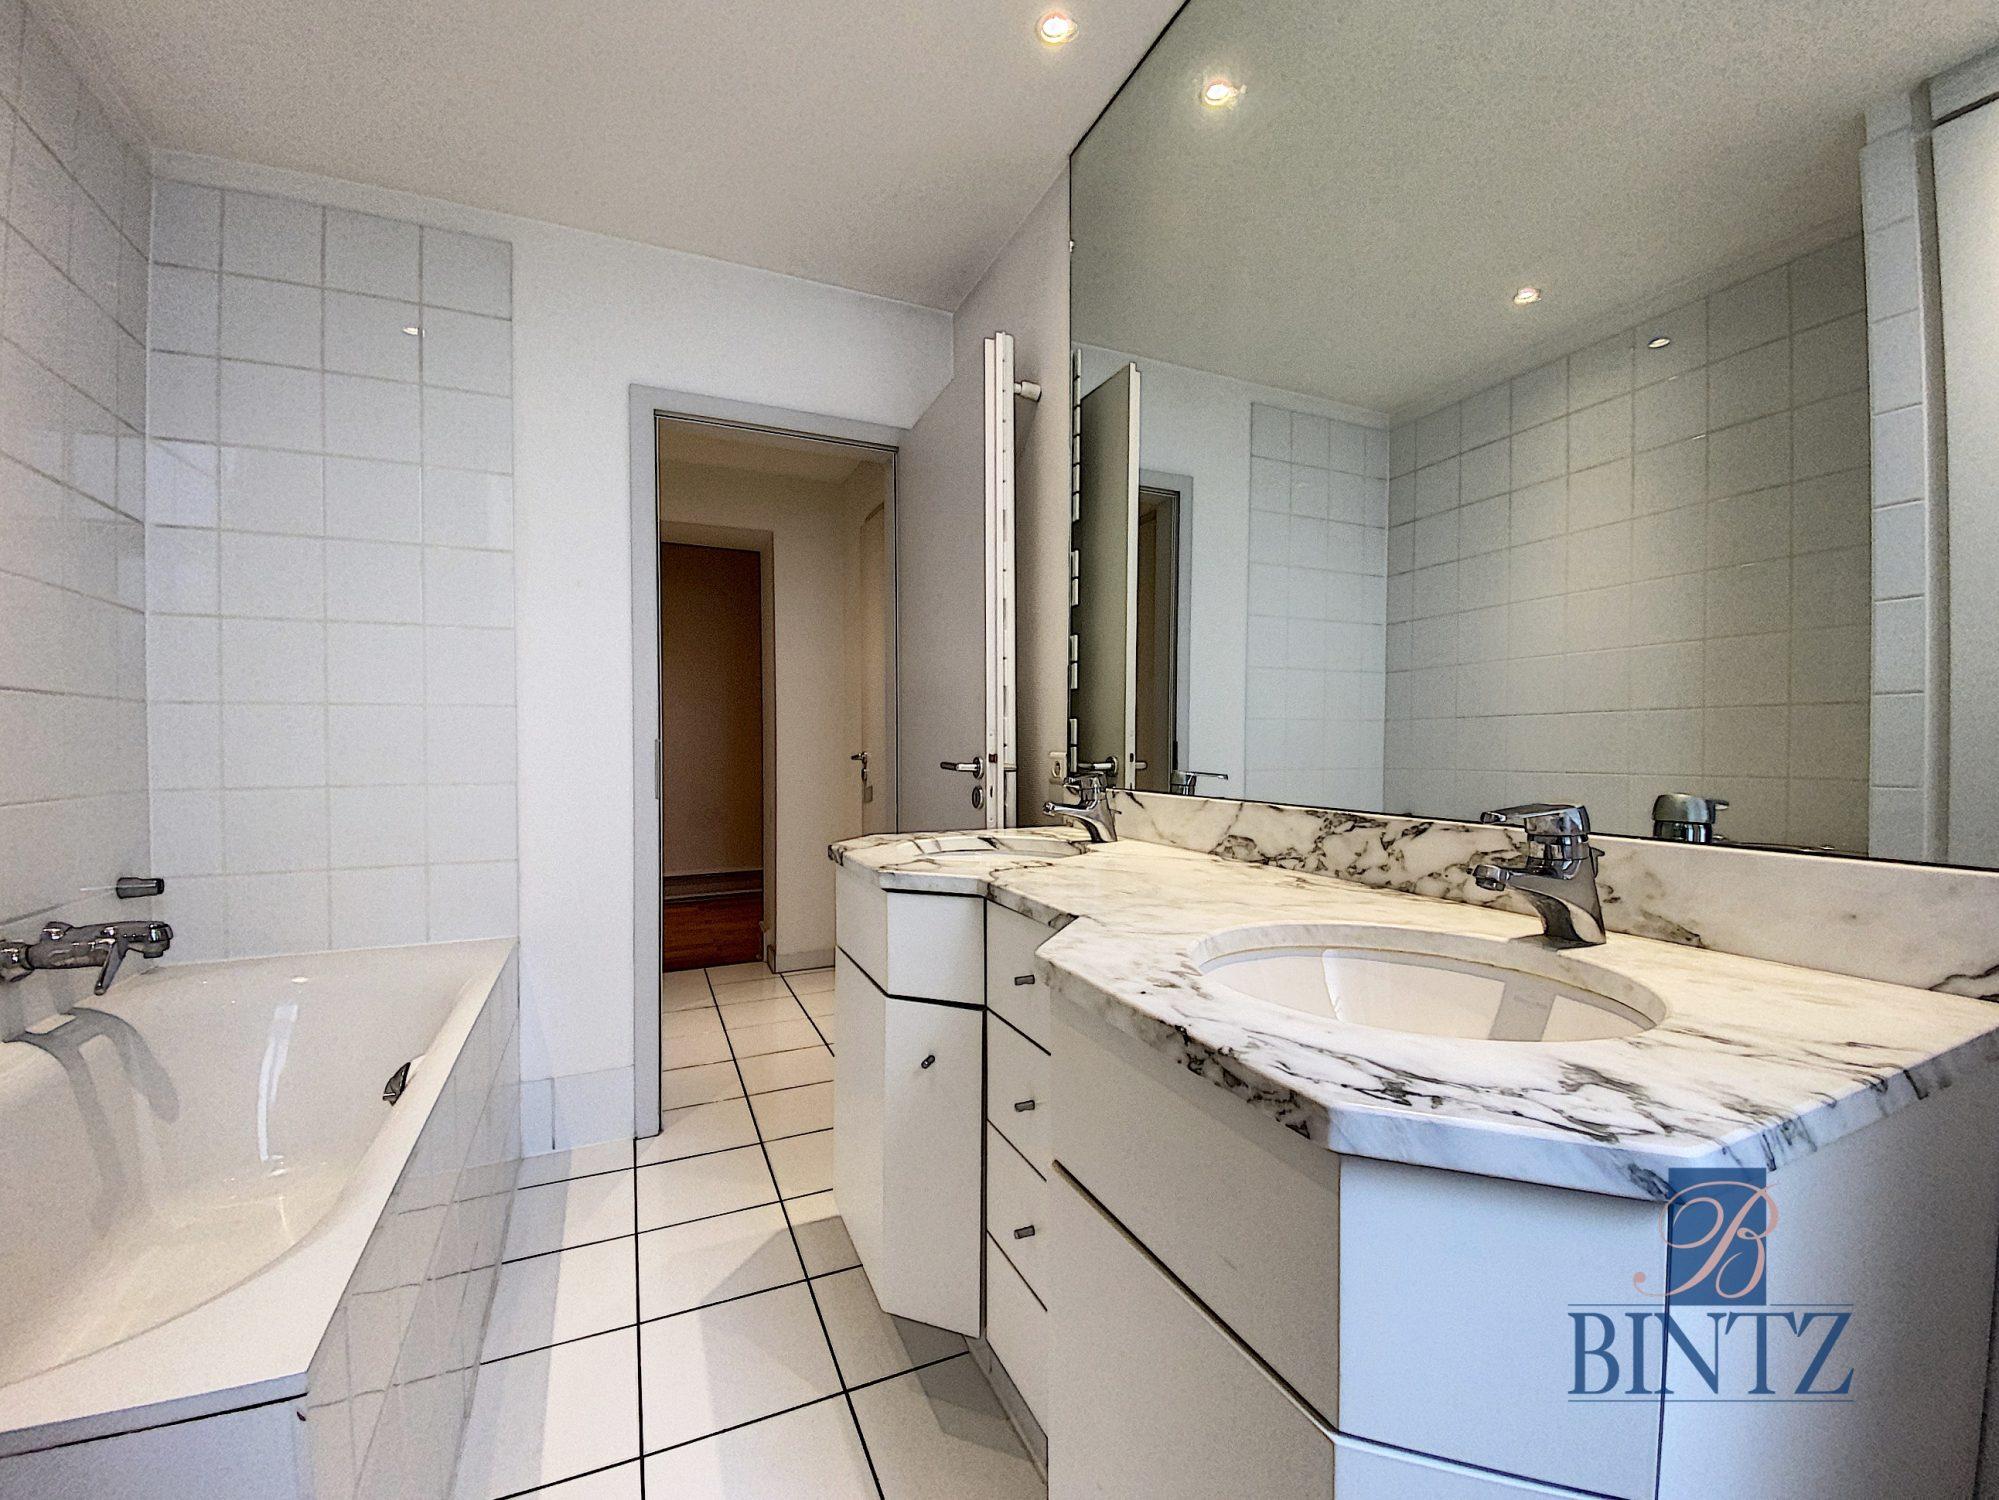 Magnifique 6 pièces de 164m2 Quartier Neustadt - Devenez propriétaire en toute confiance - Bintz Immobilier - 16